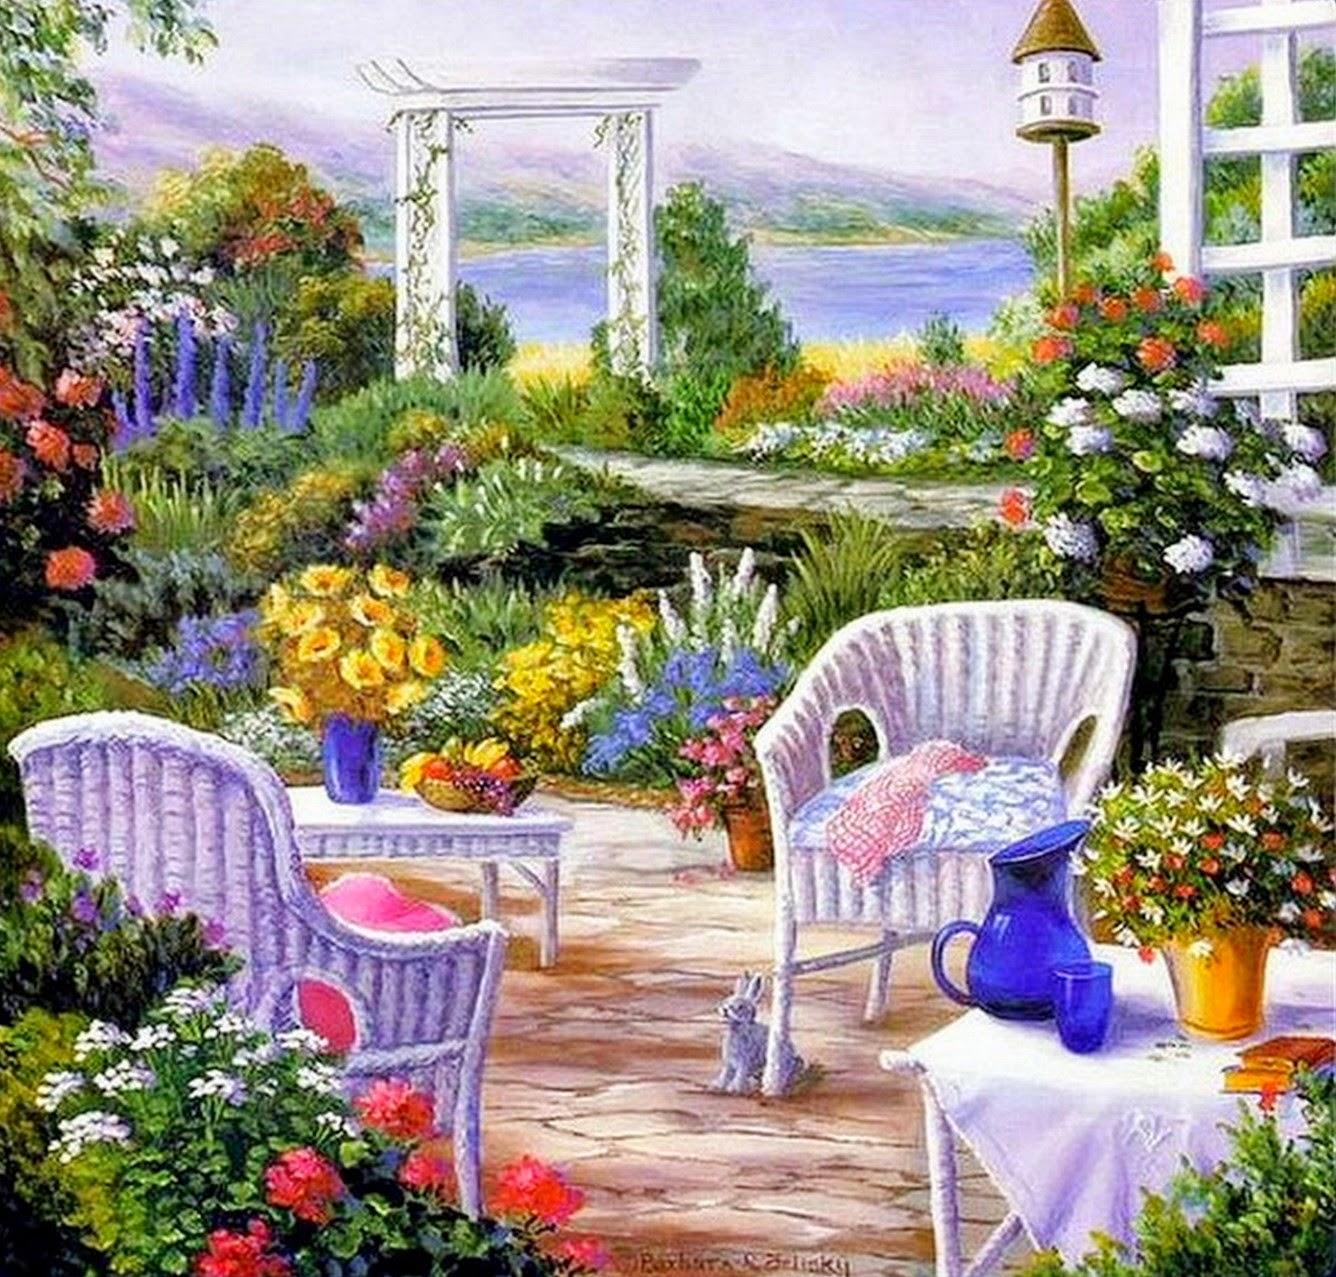 Im genes arte pinturas paisajes con jardines y flores for Ver fotos de jardines